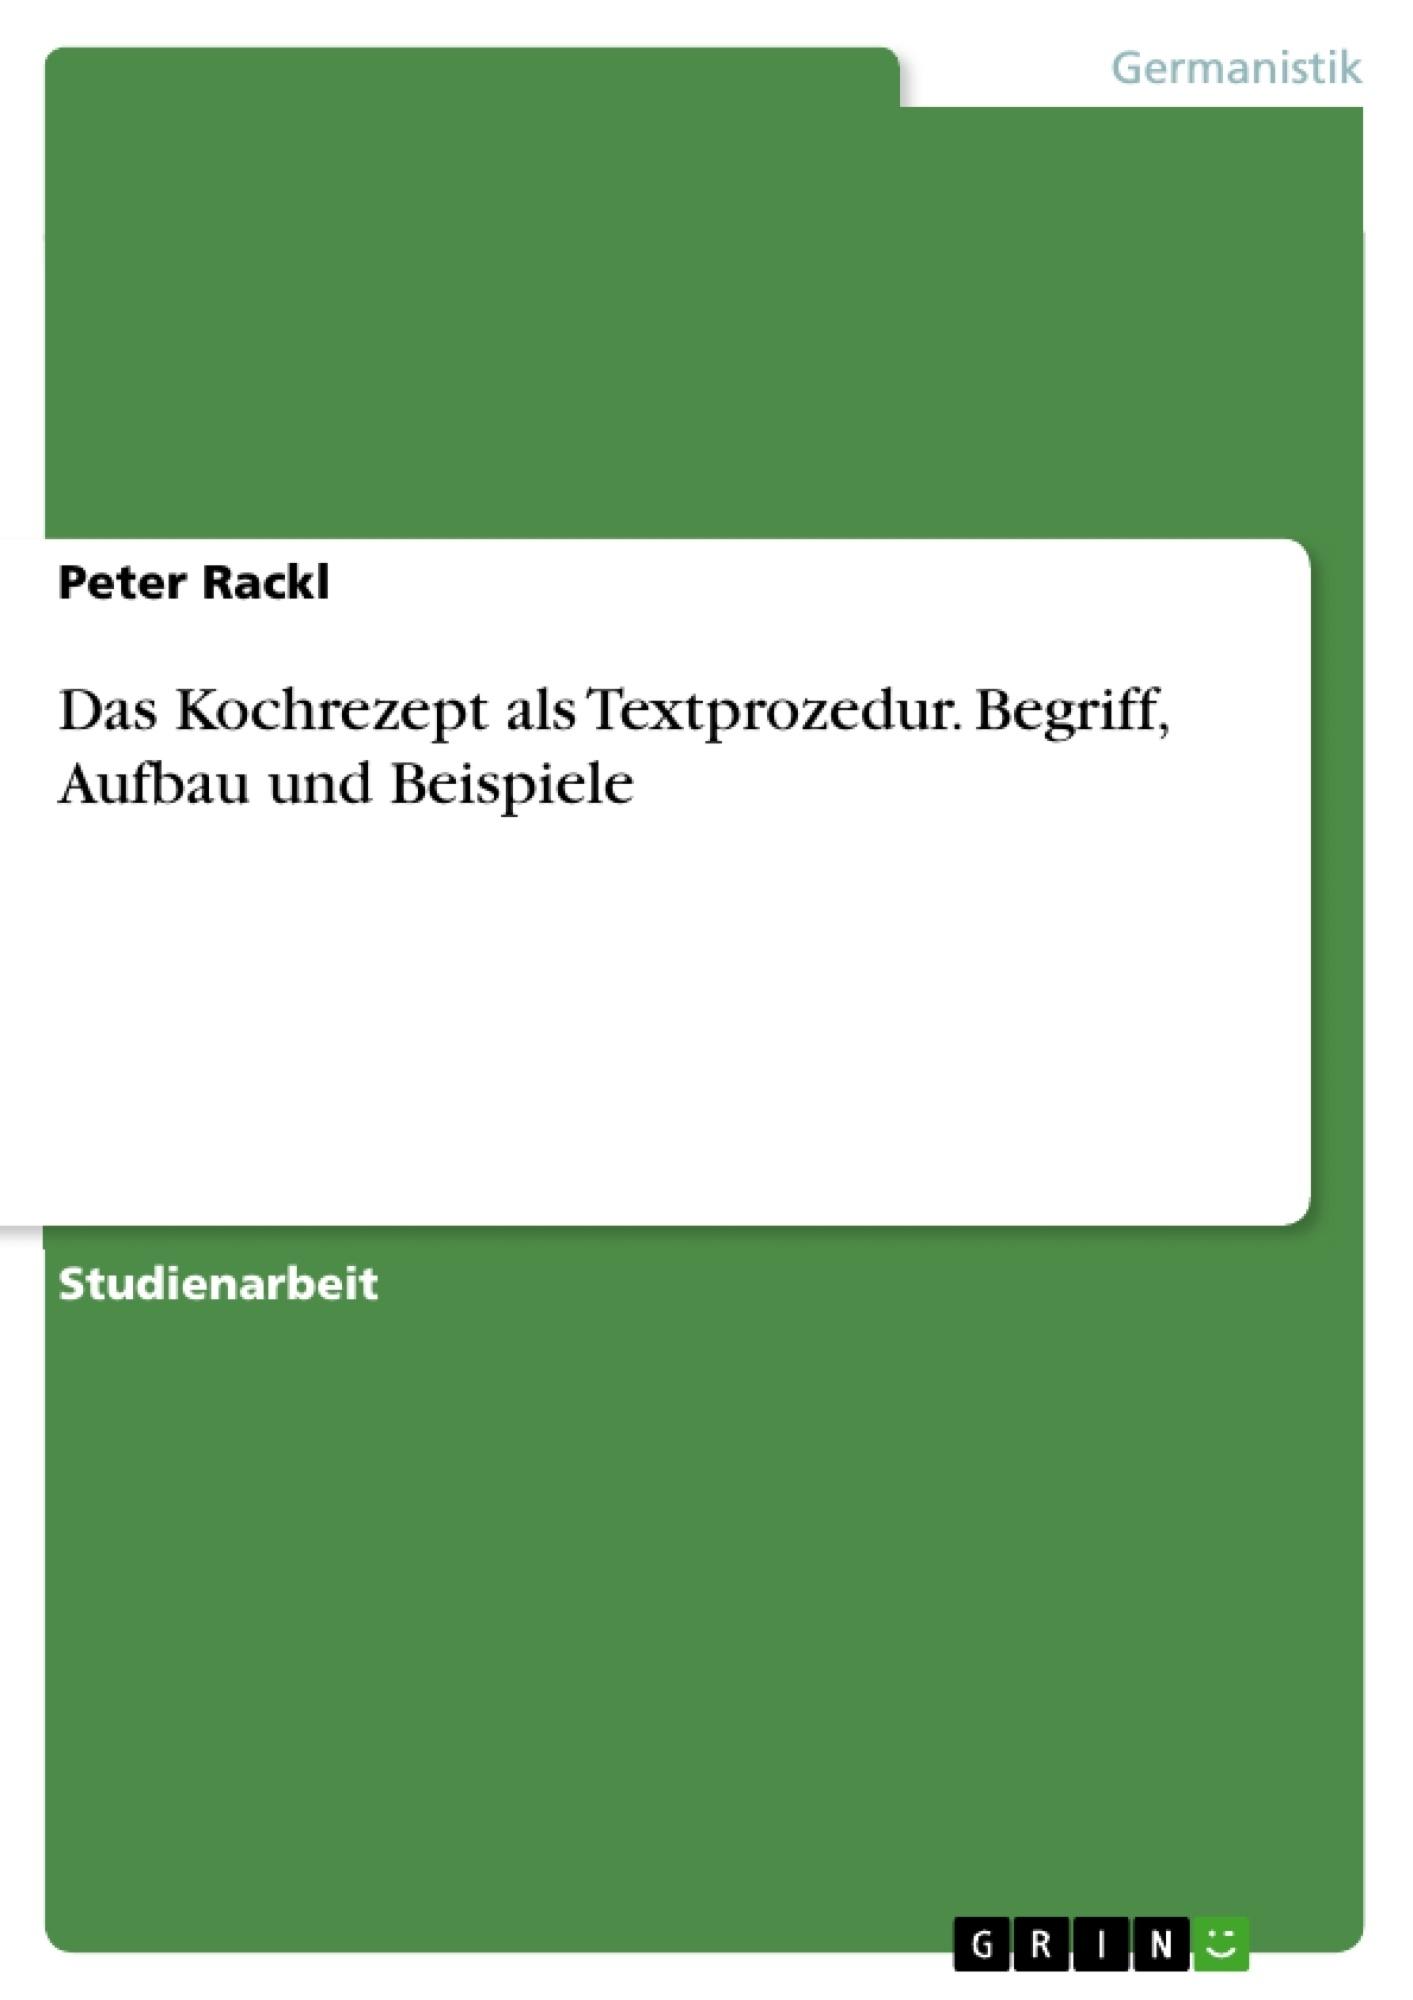 Titel: Das Kochrezept als Textprozedur. Begriff, Aufbau und Beispiele